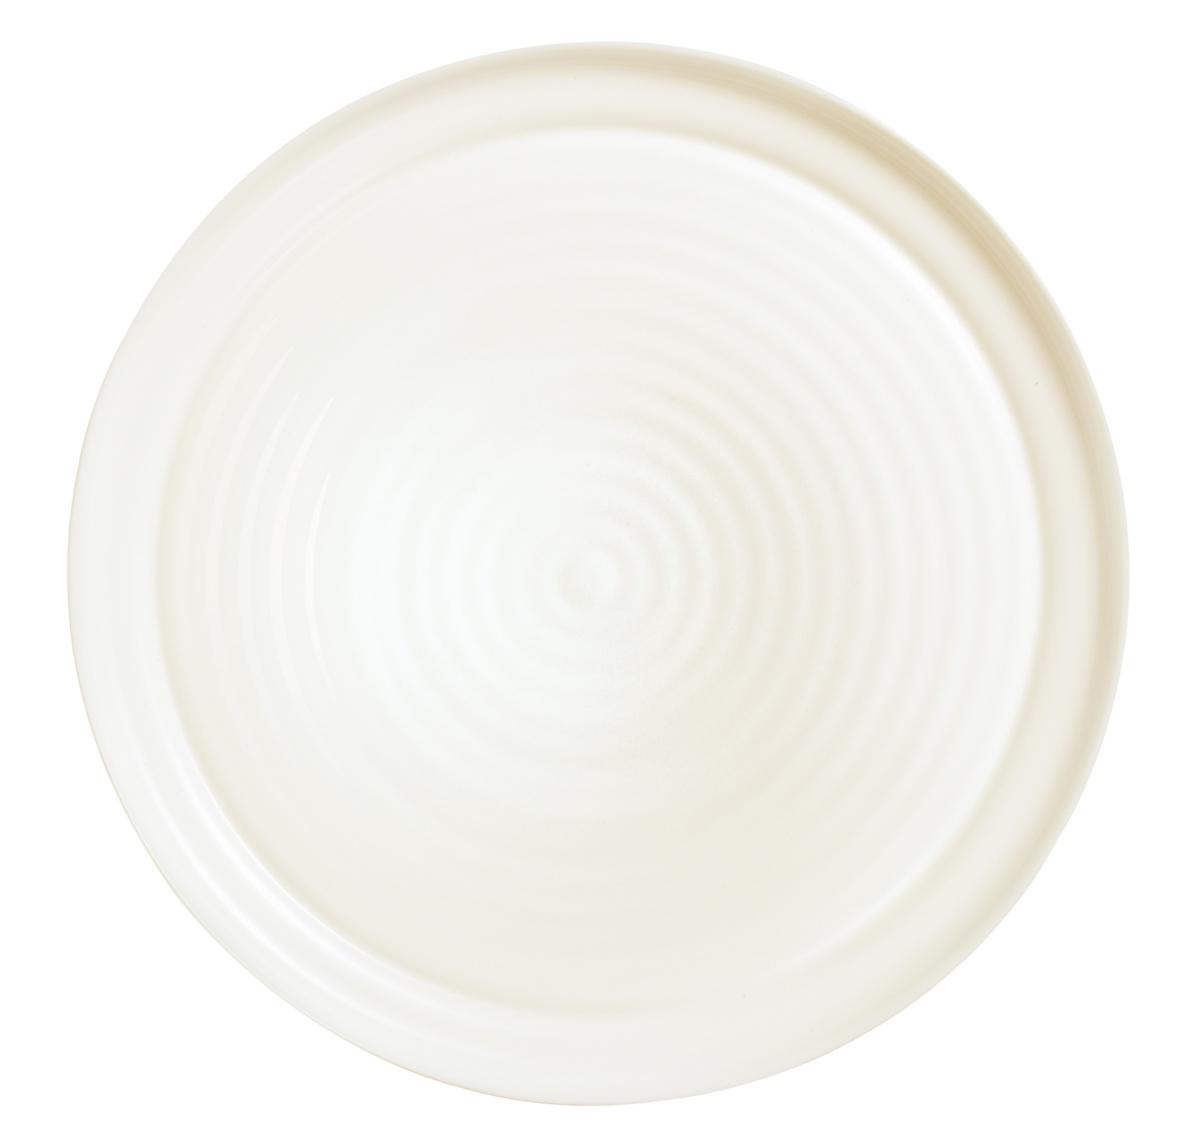 Assiette à pizza ronde ivoire verre Ø 32 cm Intensity Arcoroc